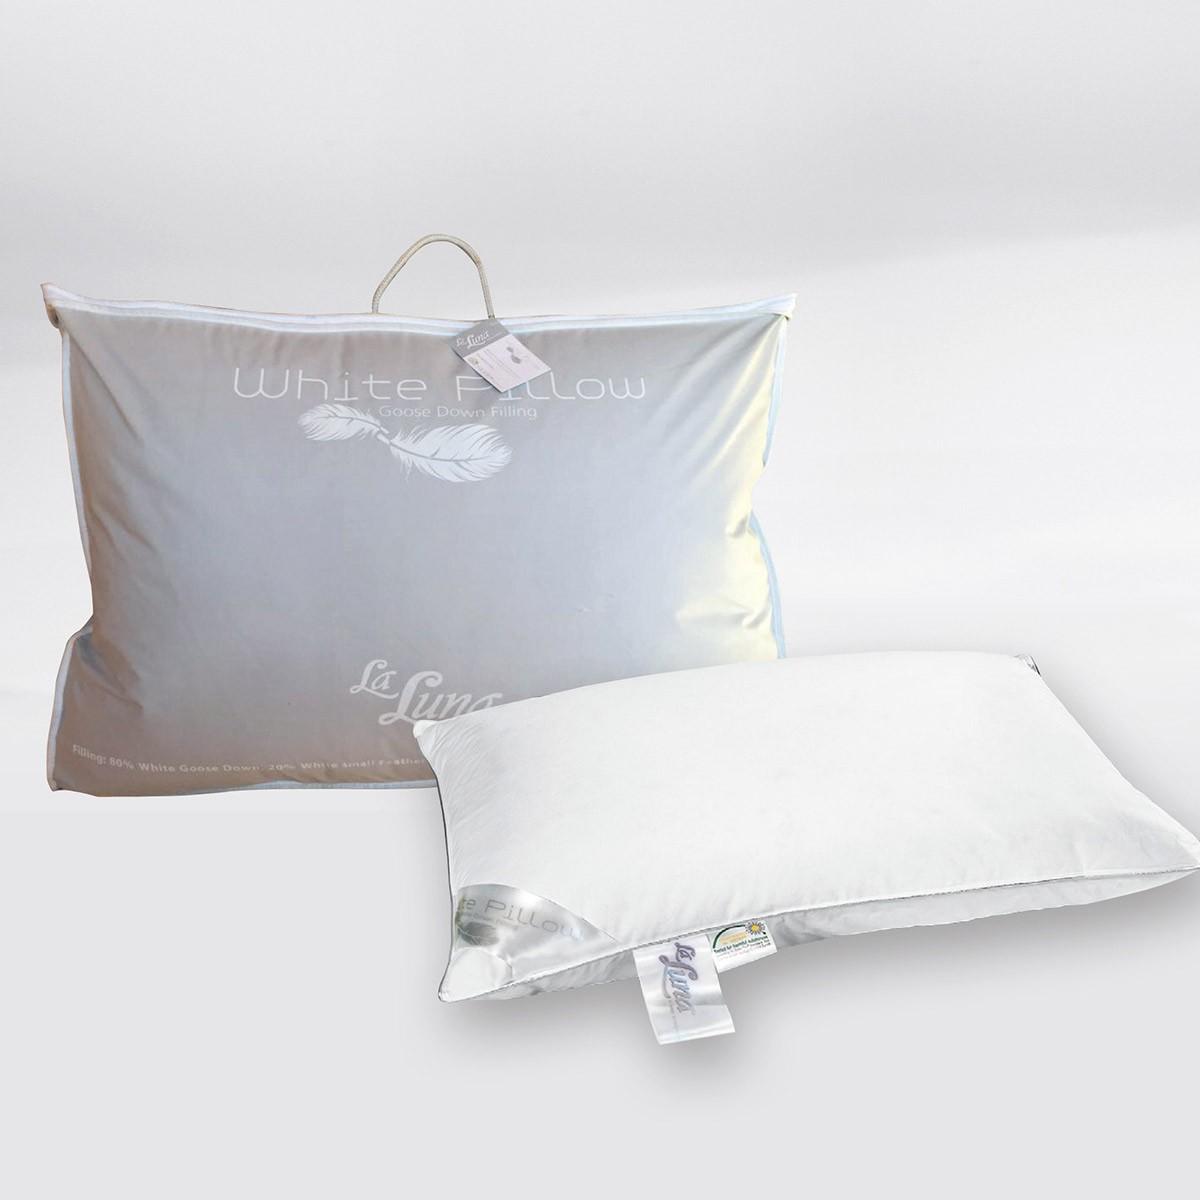 Μαξιλάρι Ύπνου Πουπουλένιο La Luna White Pillow 80/20